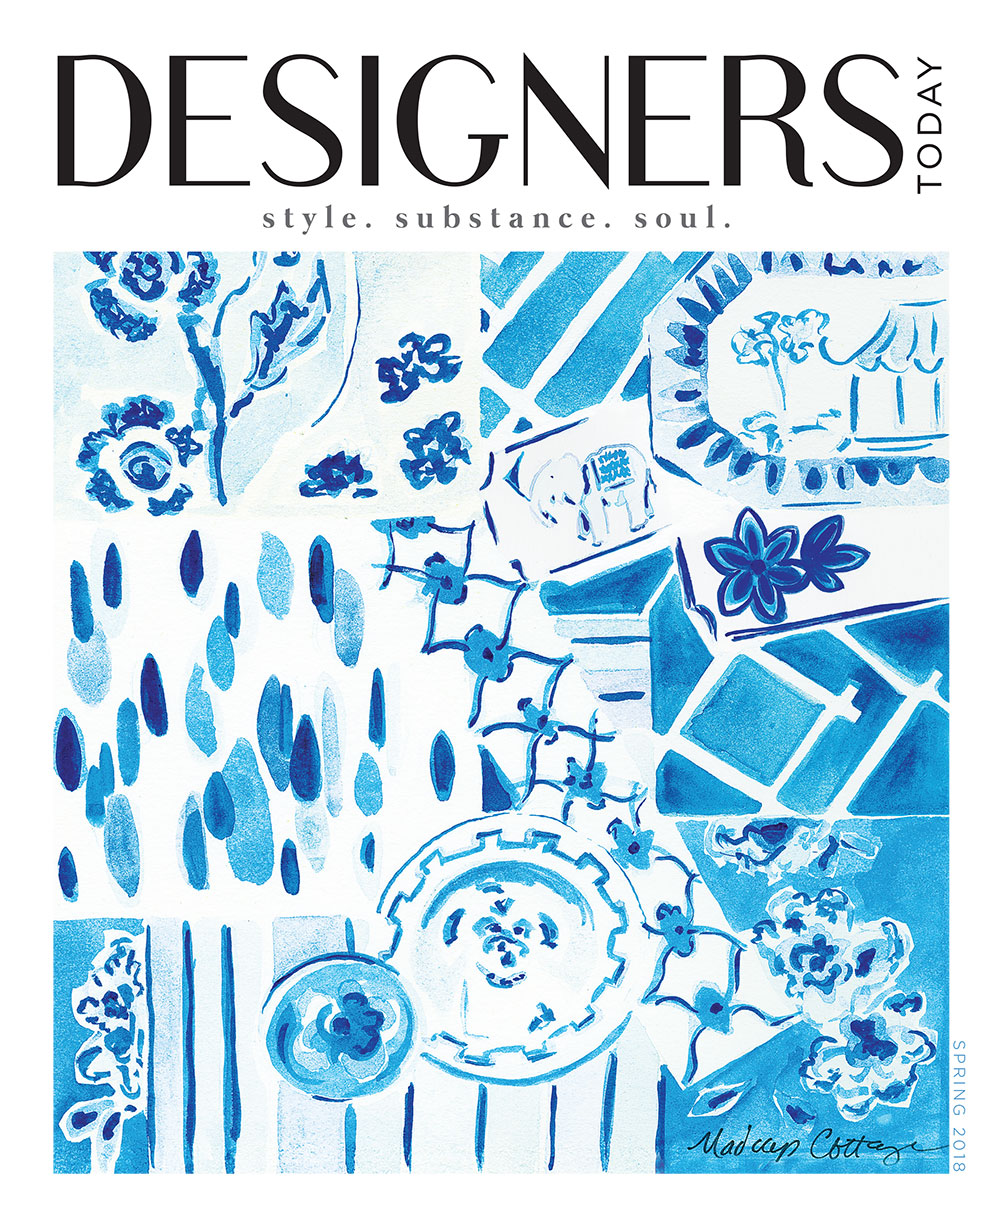 Designers Today - Laura Kirar